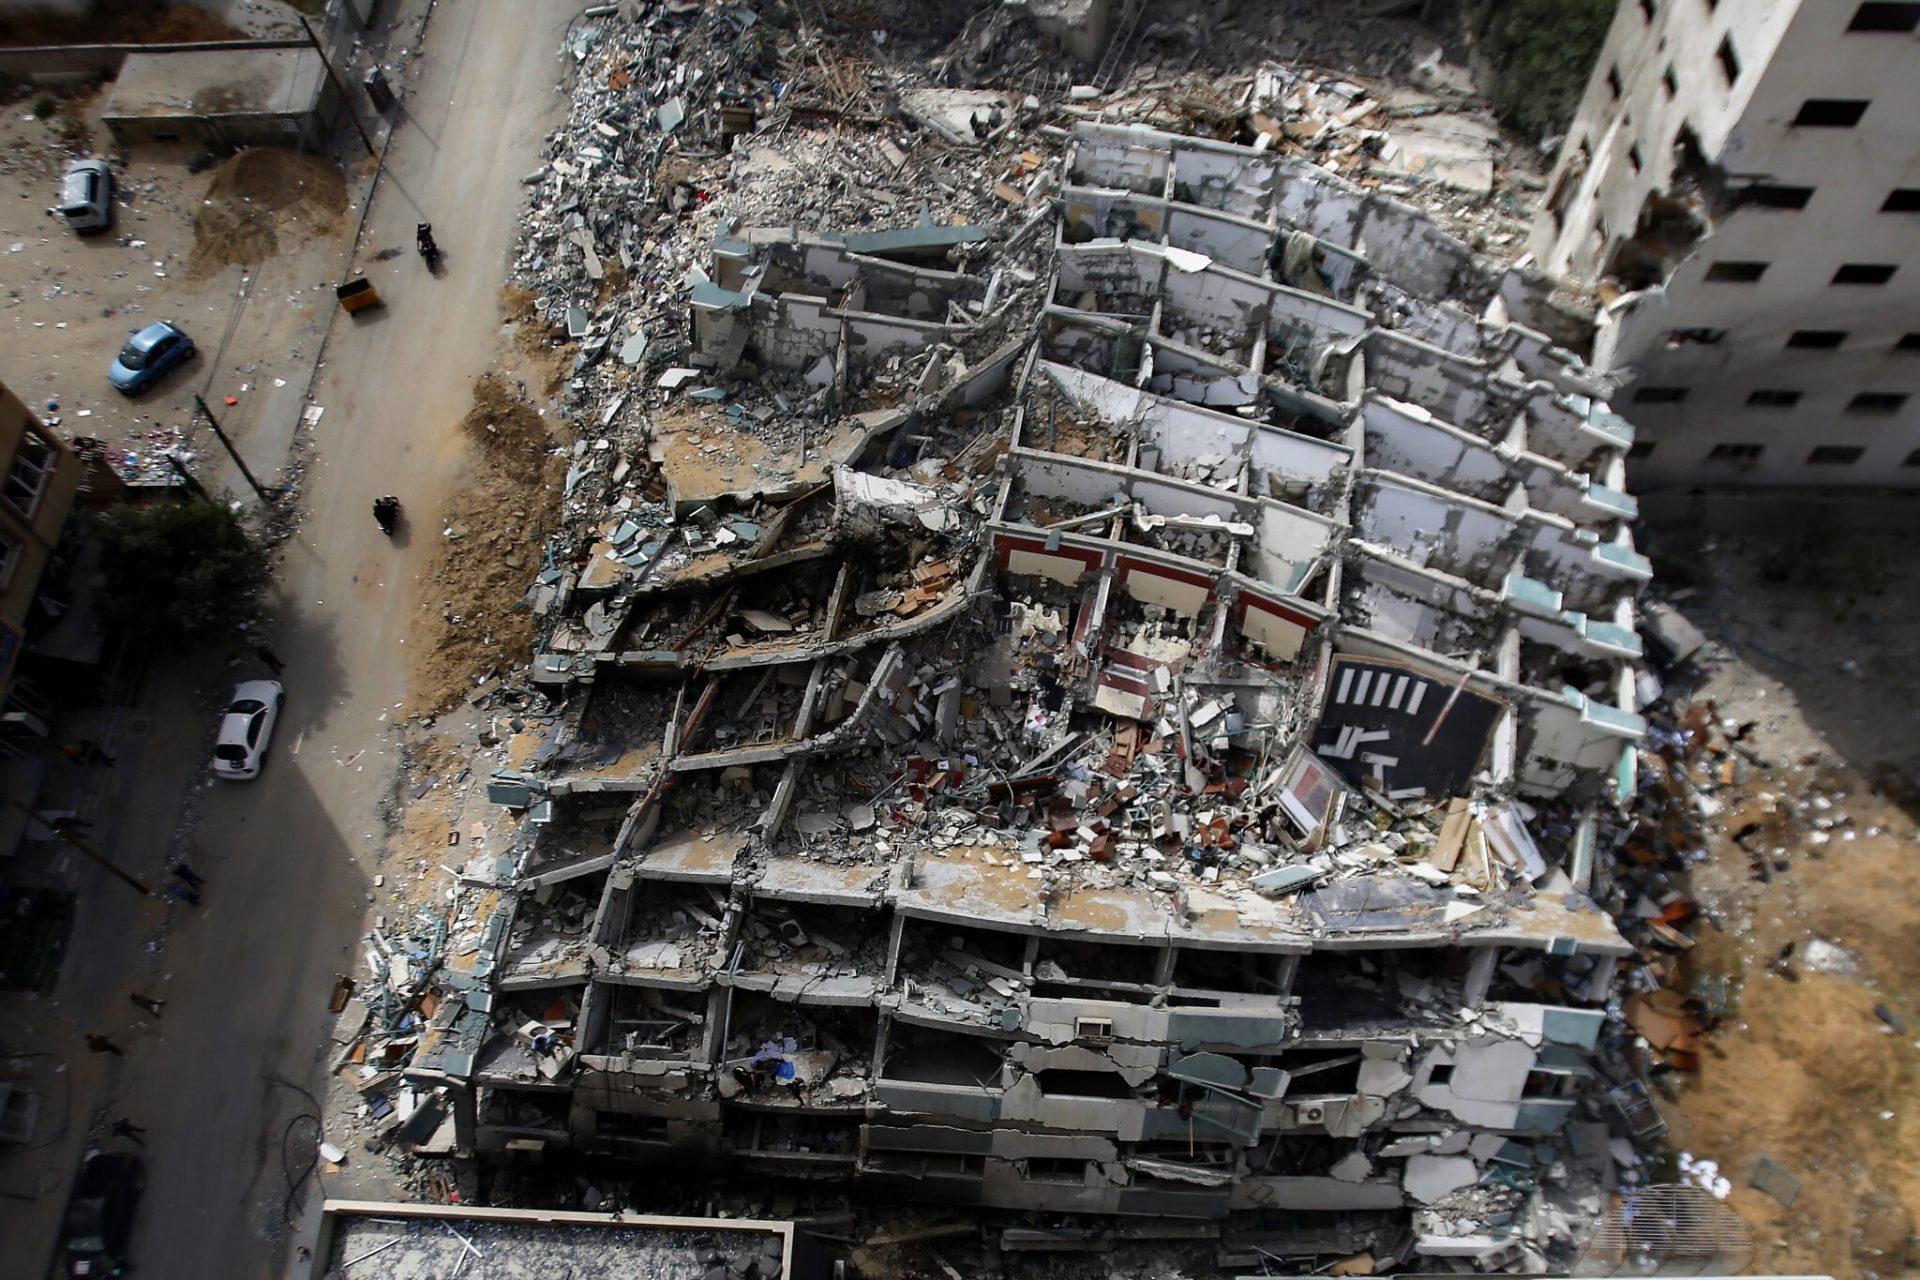 قضية فلسطين عادت للأضواء بعدما كان العالم قد تجاهلها.. ماذا تغير في الصراع بعد حرب غزة؟